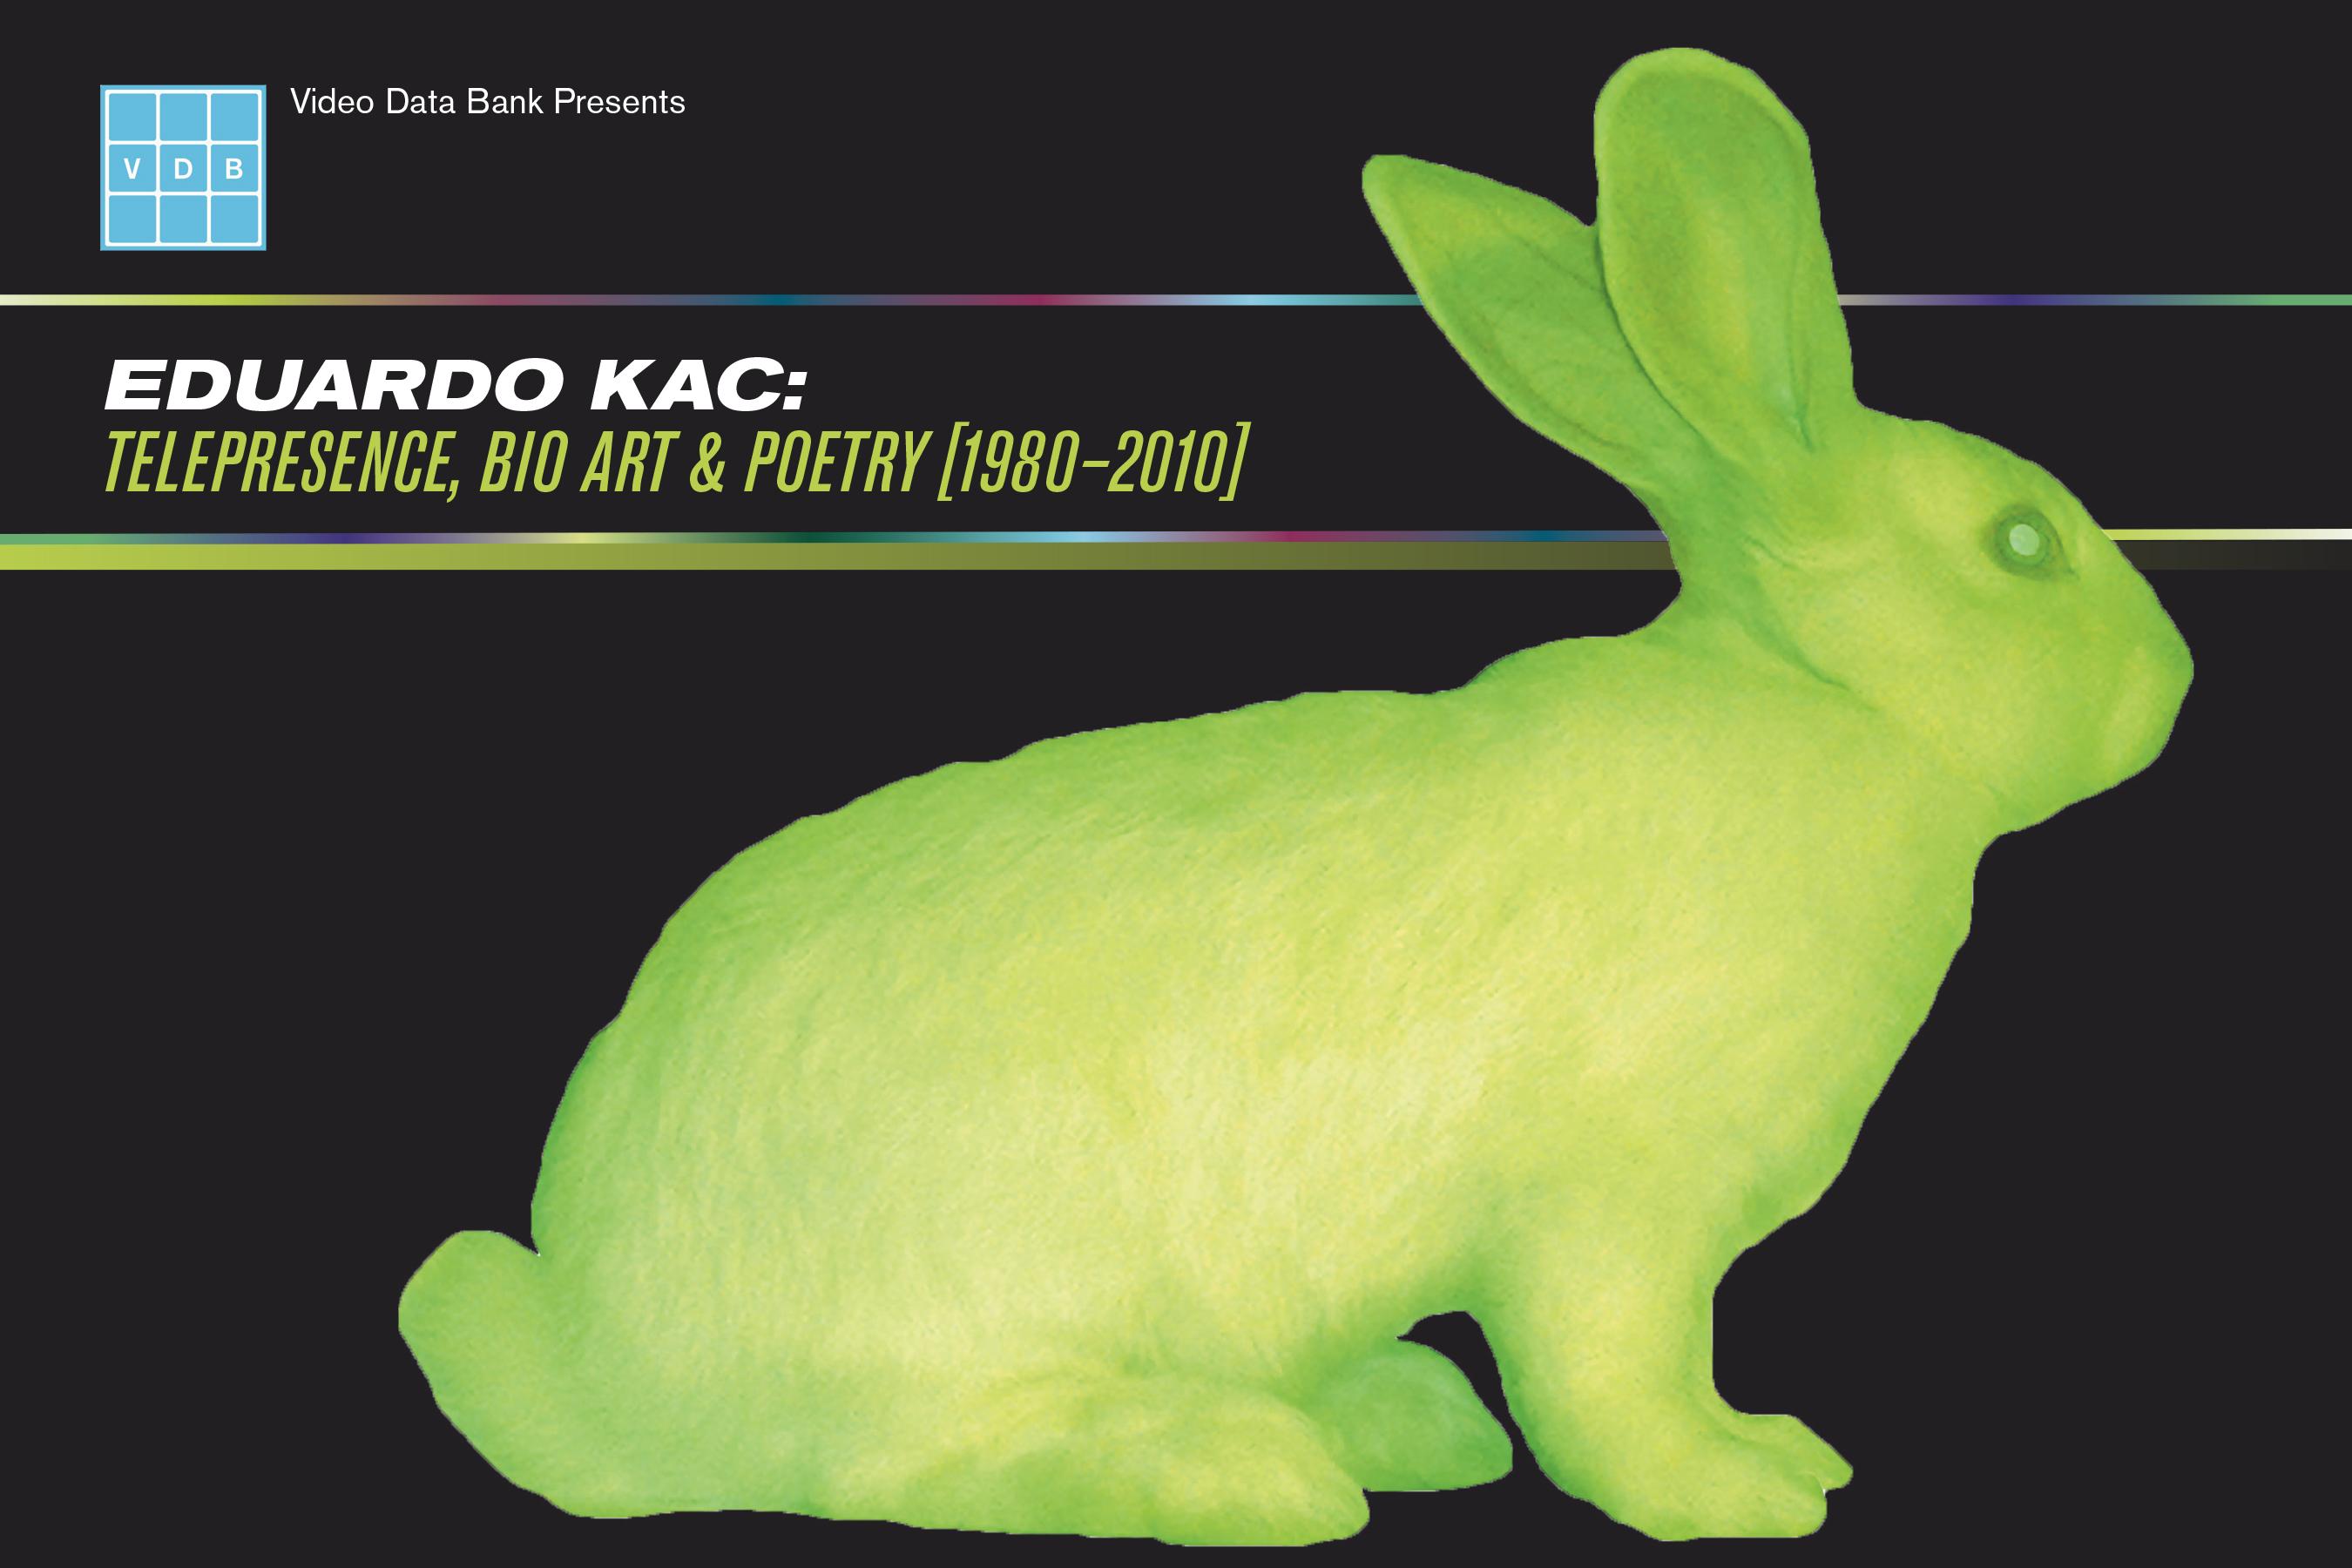 Eduardo Kac: Telepresence, Bio Art & Poetry [1980-2010]